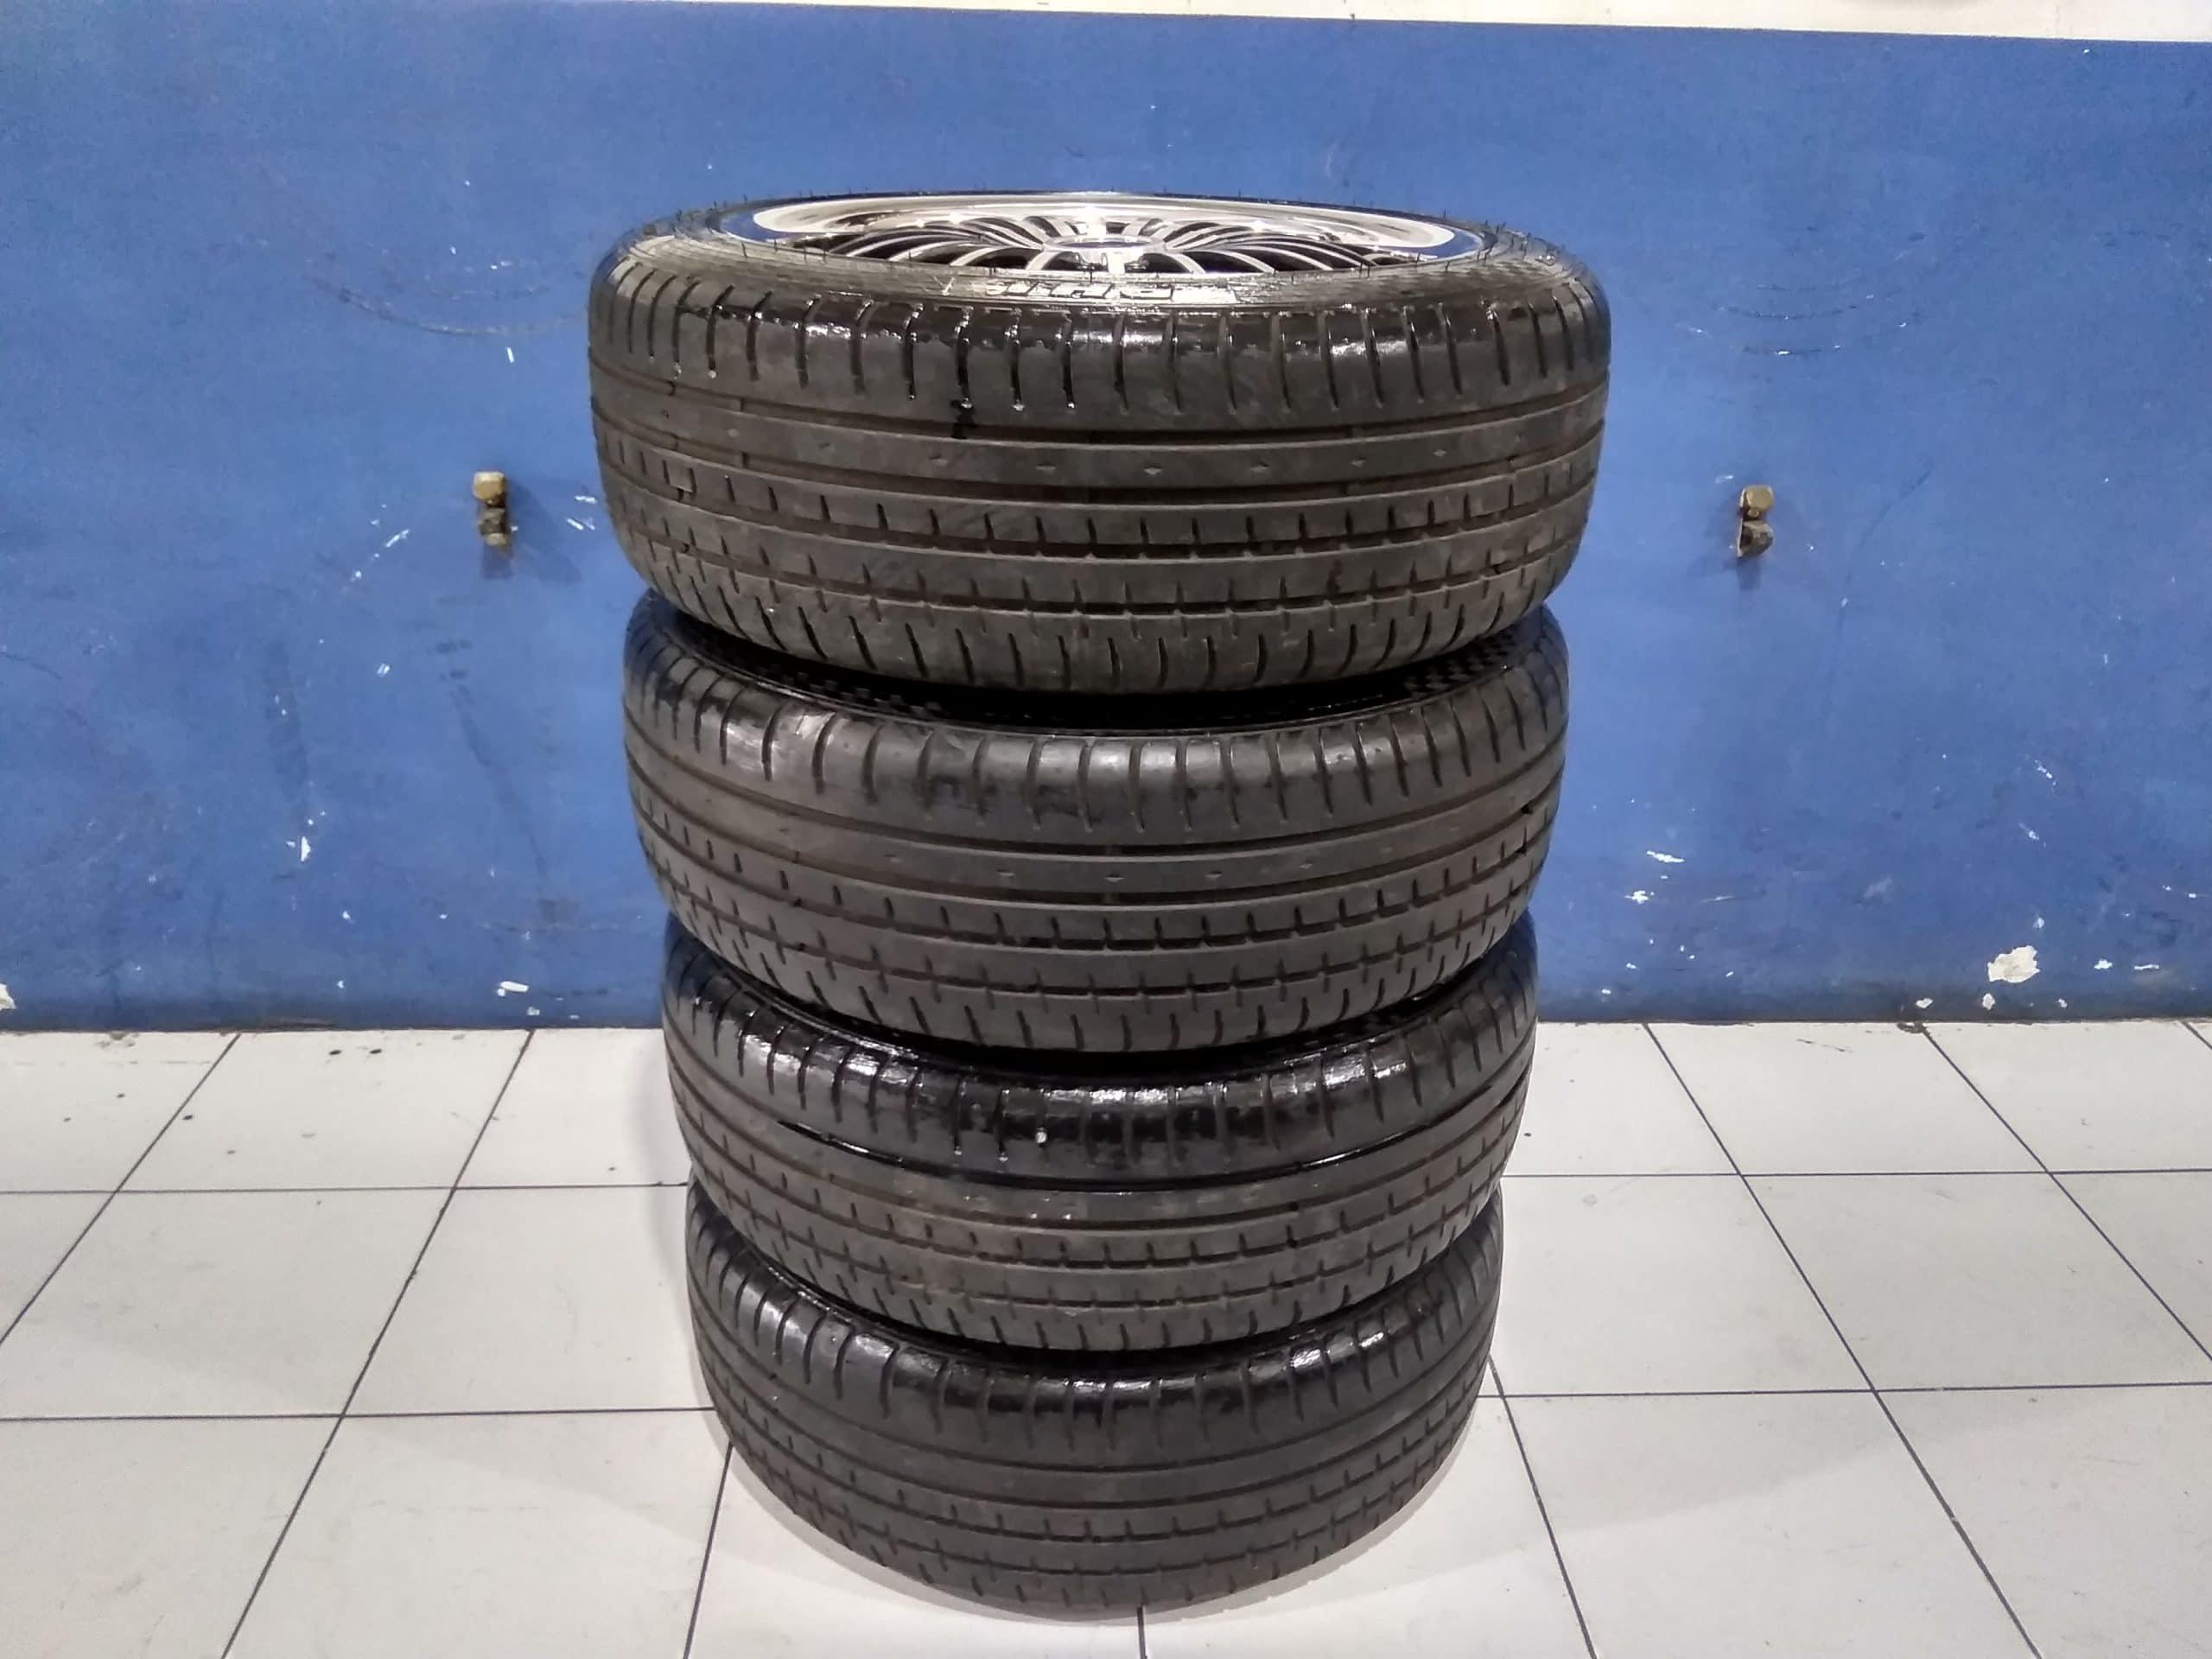 Tersedia Velg Seken model racinghard ring 17×7 pcd 4×100 4×114 plus ban 205 50 acclera 90%